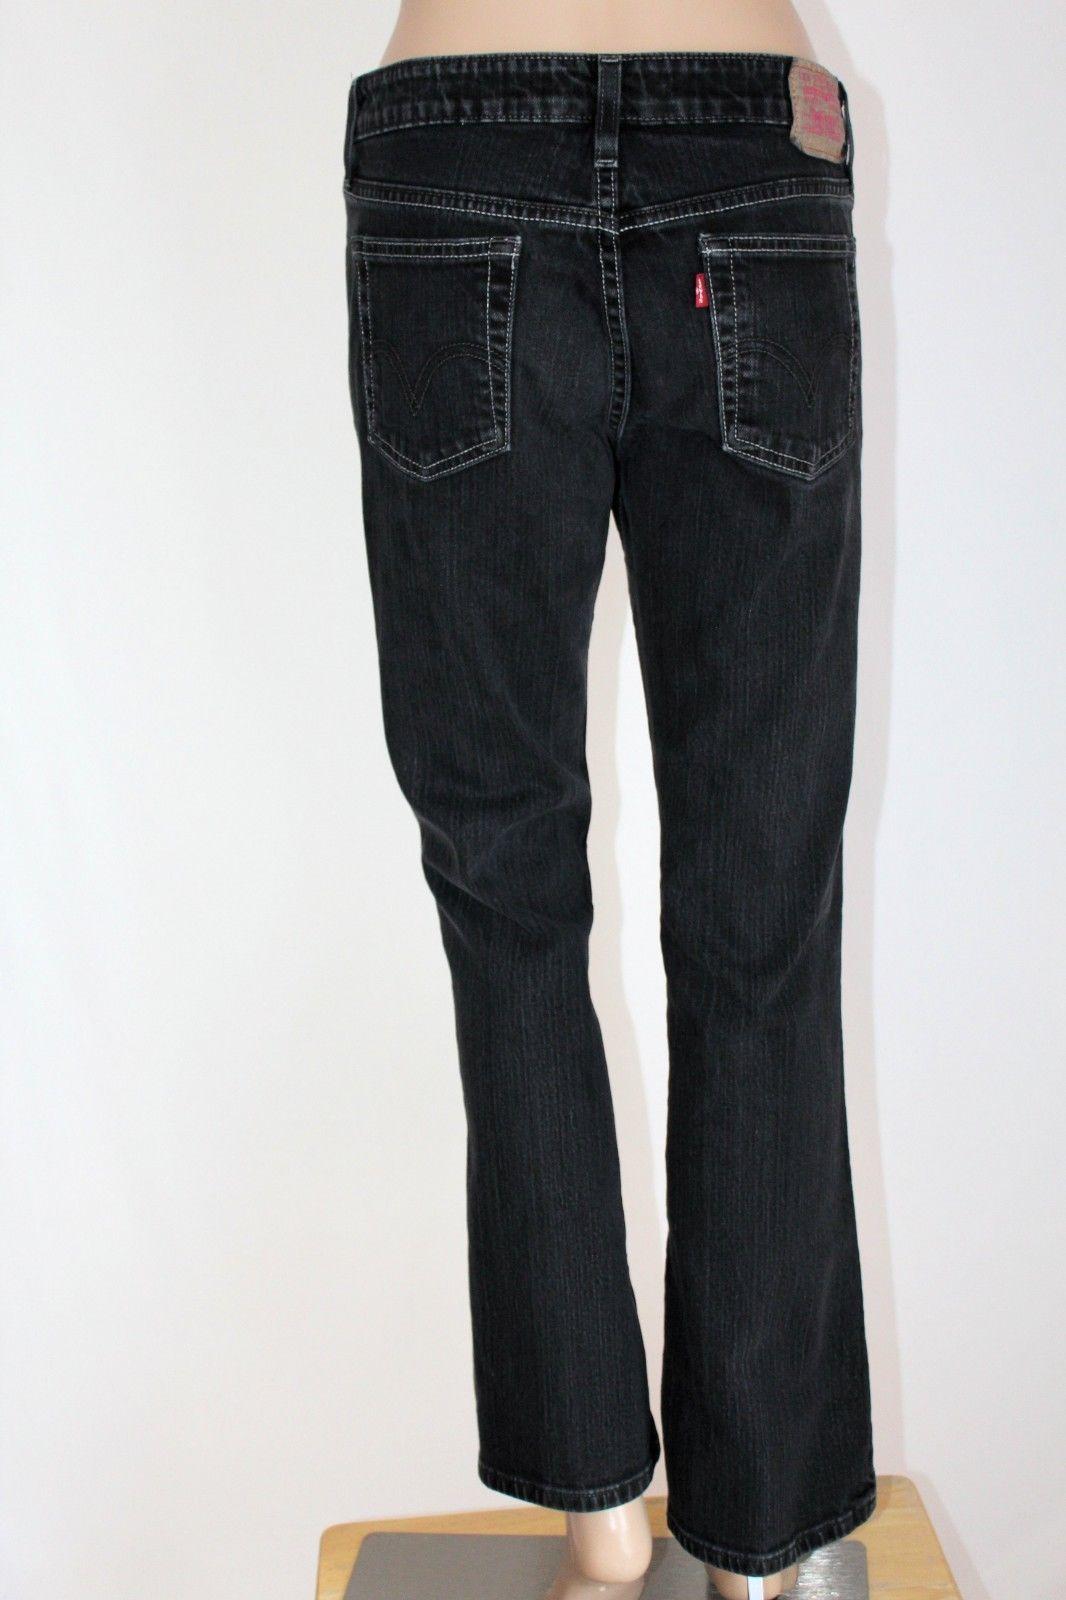 0f7e5301db0 S l1600. S l1600. Previous. LEVI'S 518 Junior Women's Size 7 S Black SuperLow  Boot Cut Stretch ...